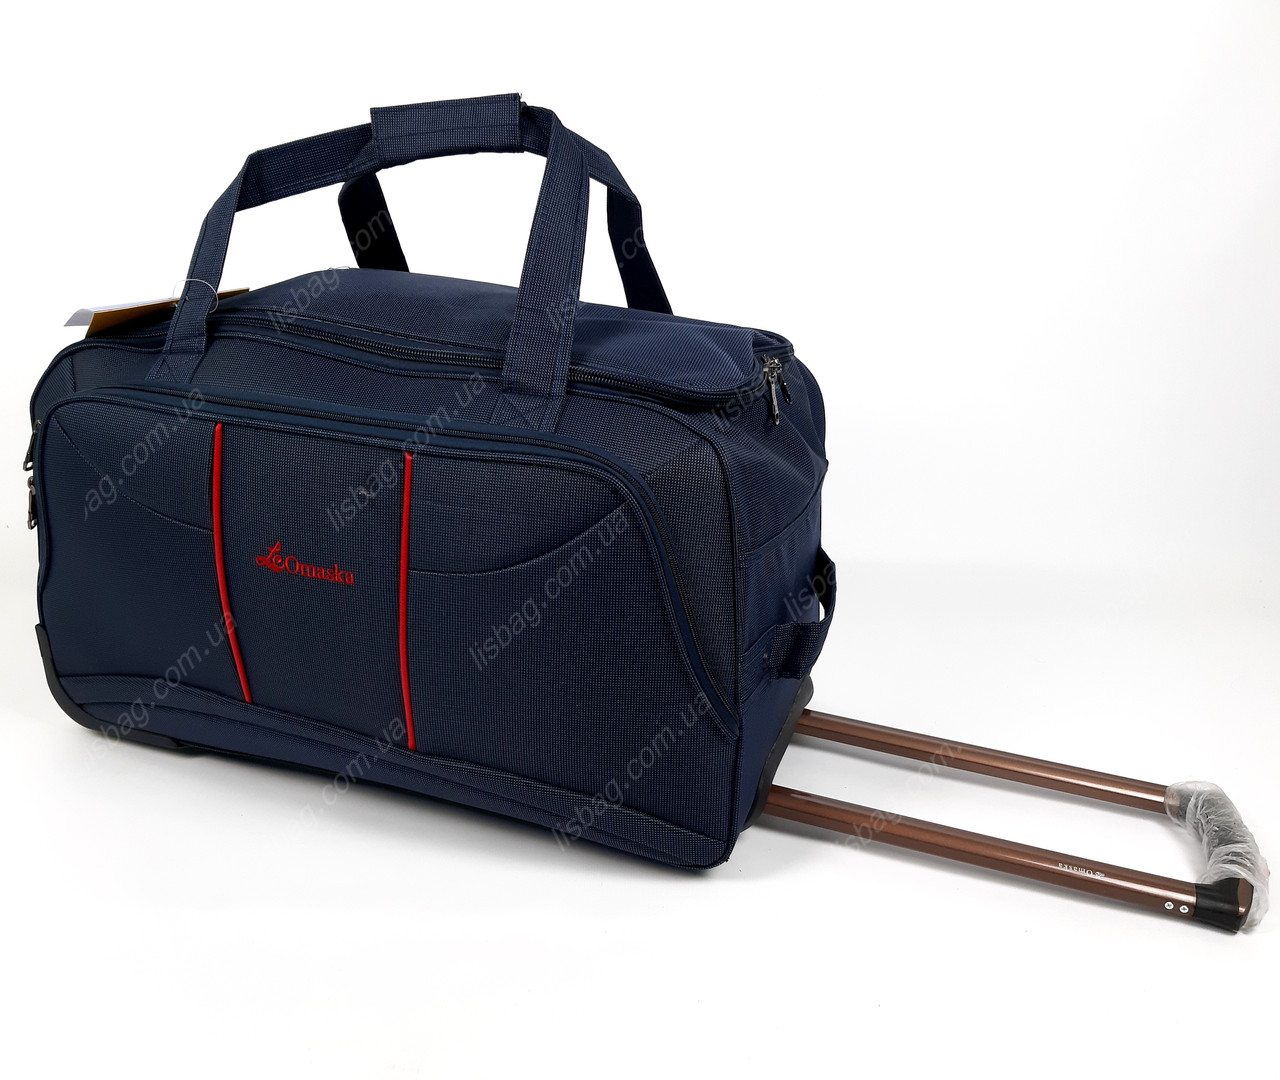 2e16051d6e51 Средняя сумка Omaska на 3х колесах прочная L (60 л) Синяя (57*33*32 ...